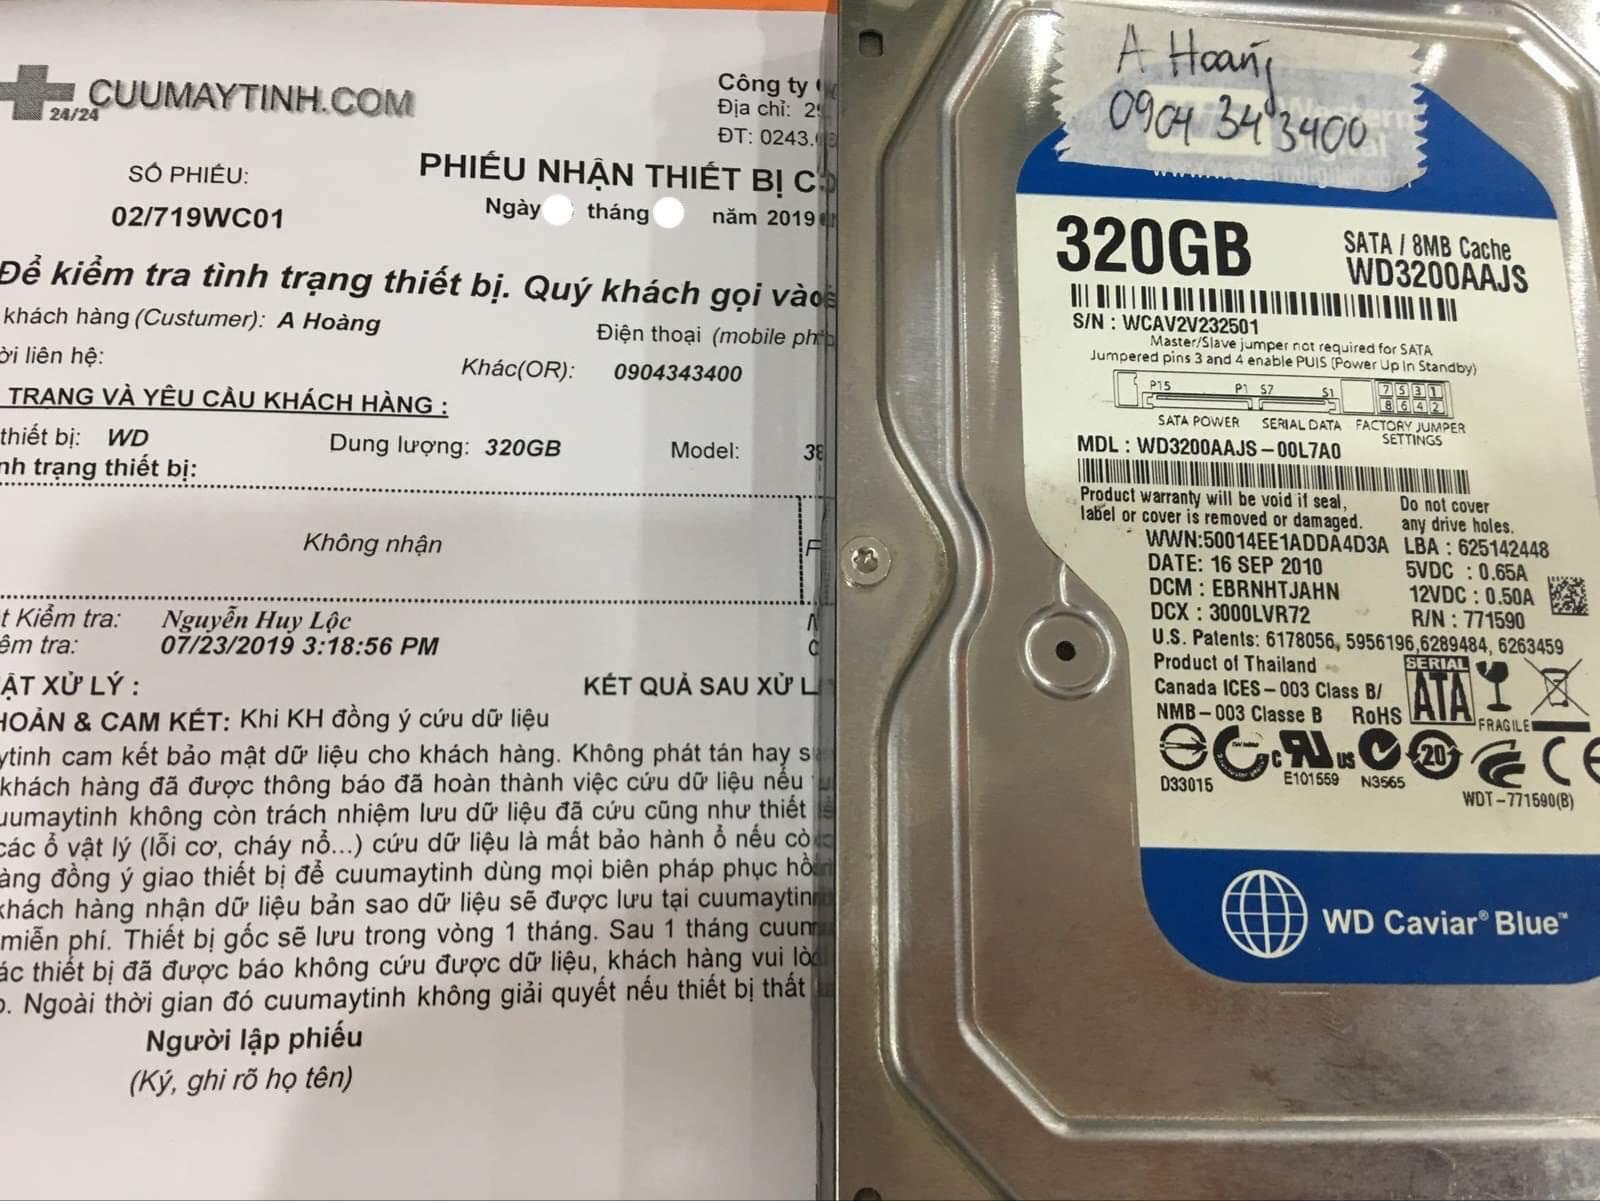 Khôi phục dữ liệu ổ cứng Western 320GB không nhận 13/08/2019 - cuumaytinh